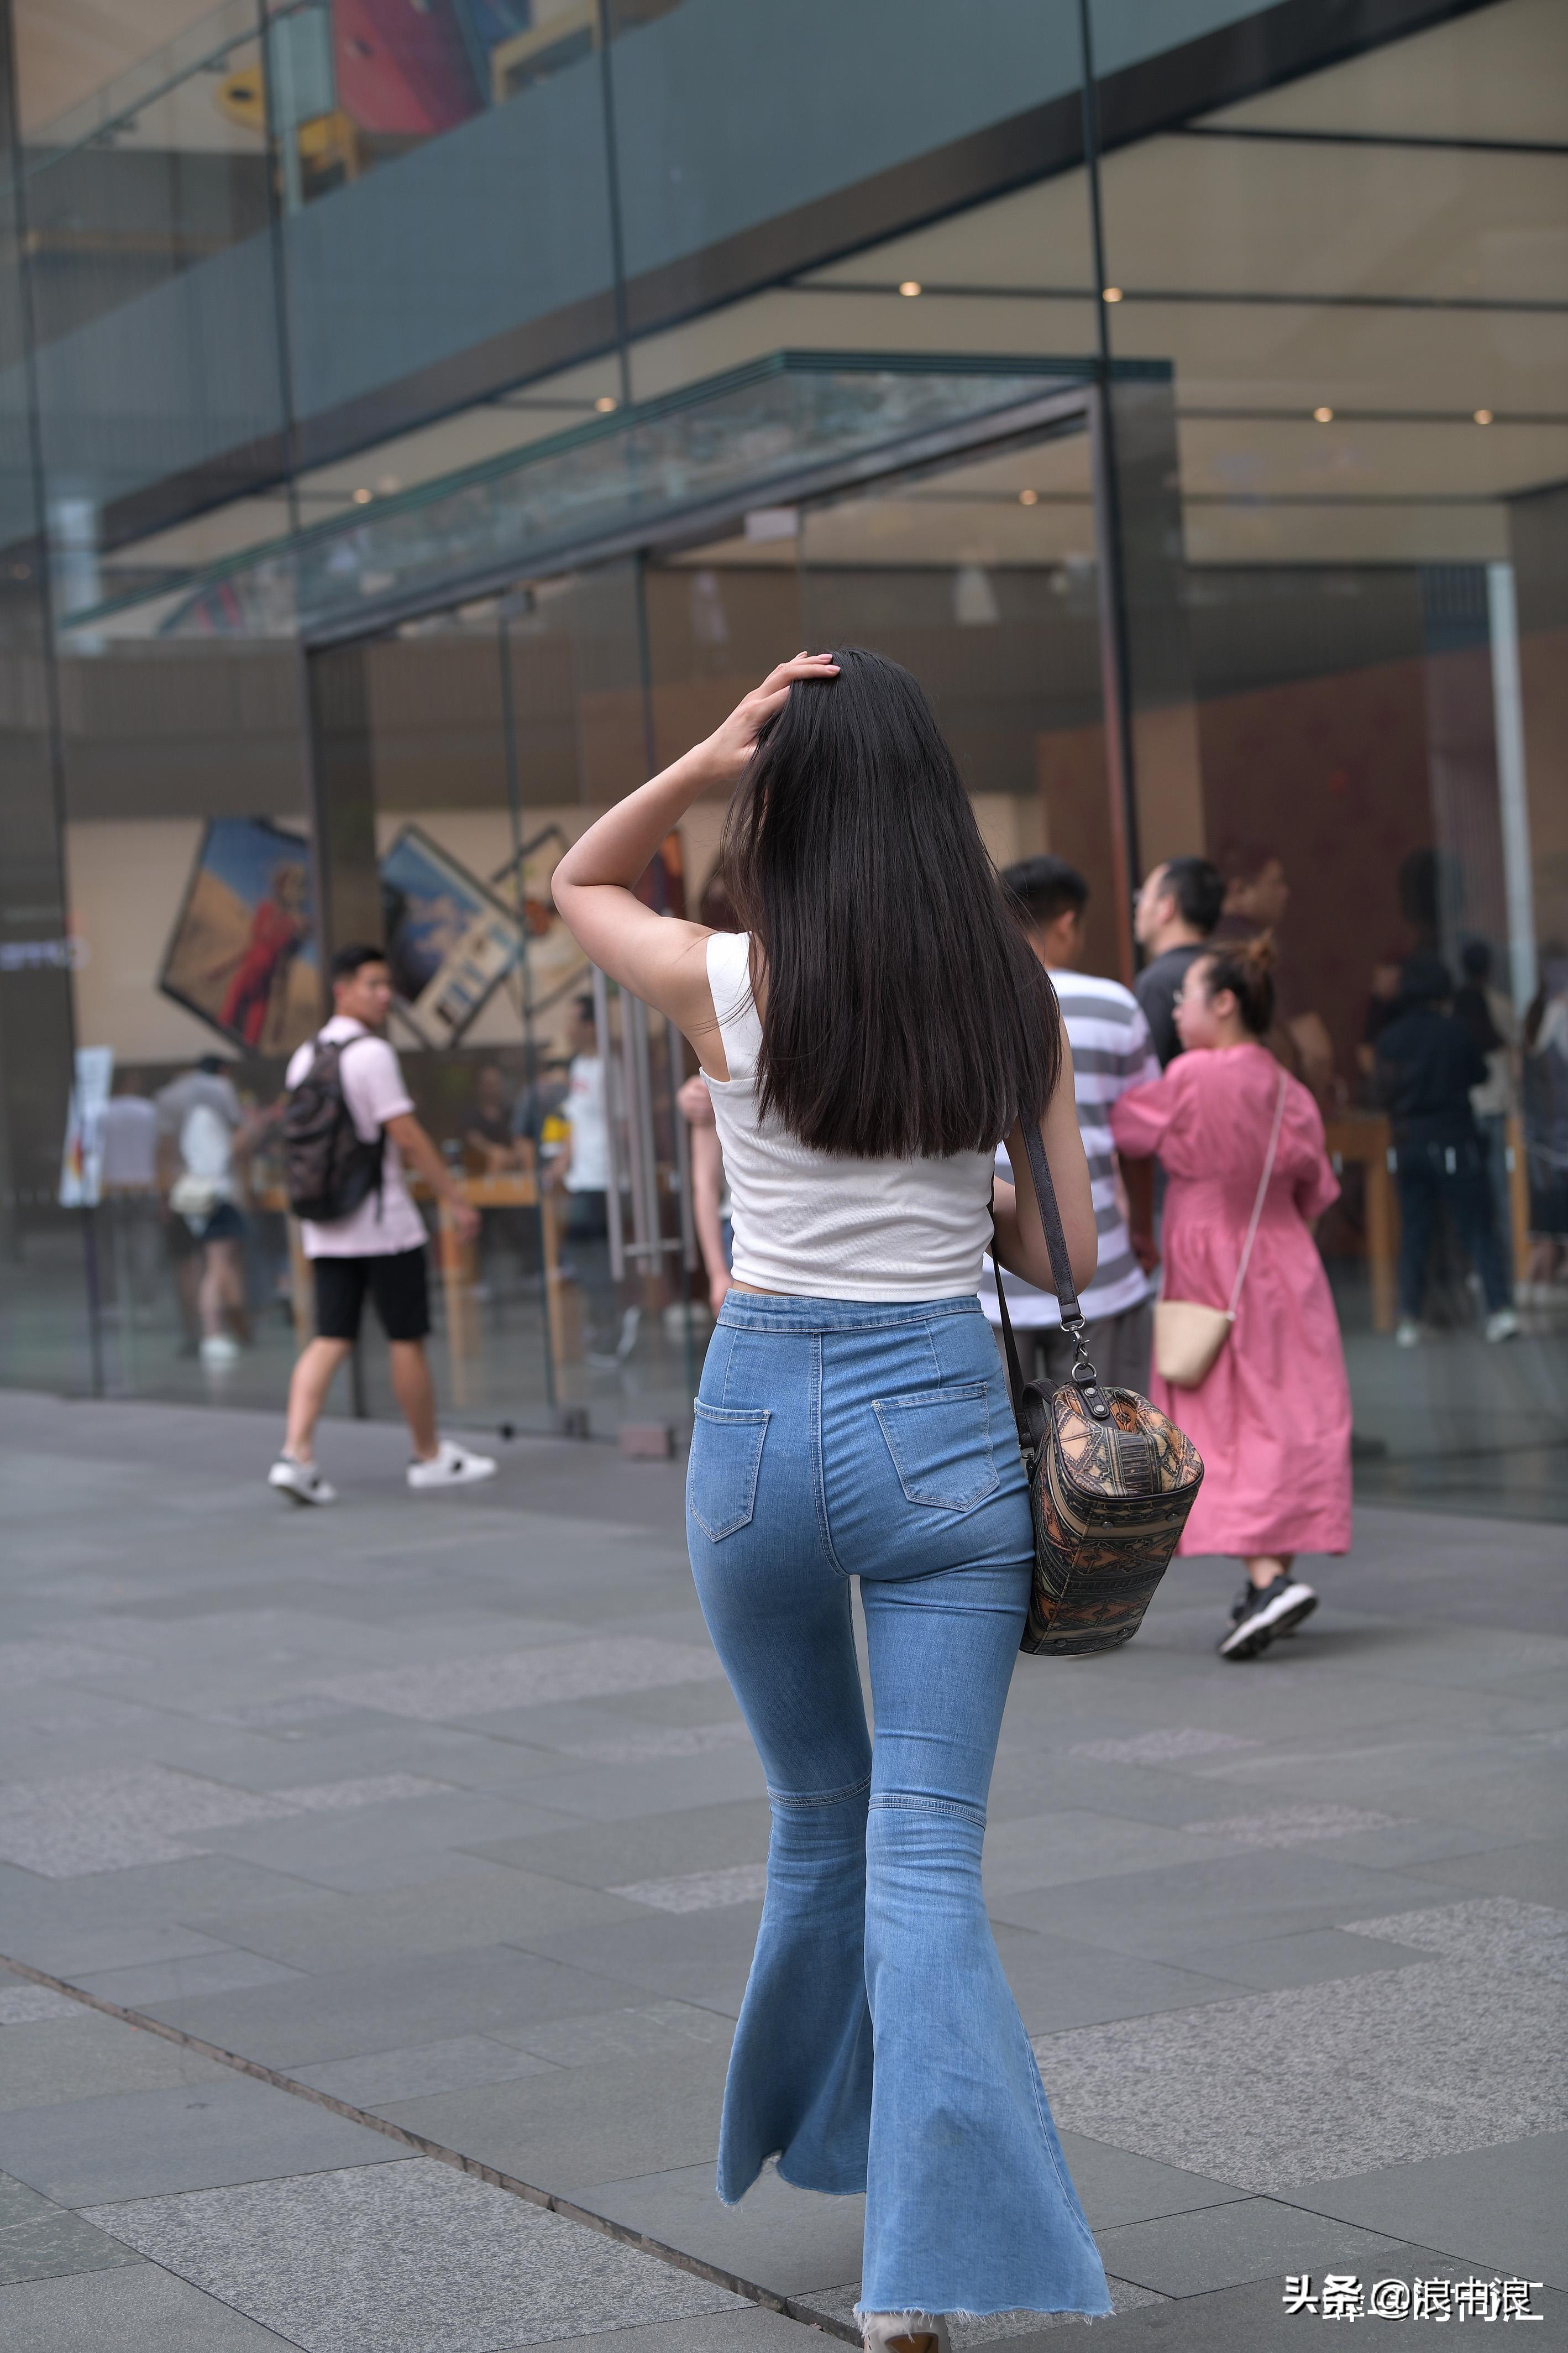 好身材也得懂配衣服,搭配成功让她成极品媚娘,一定成功打动了你